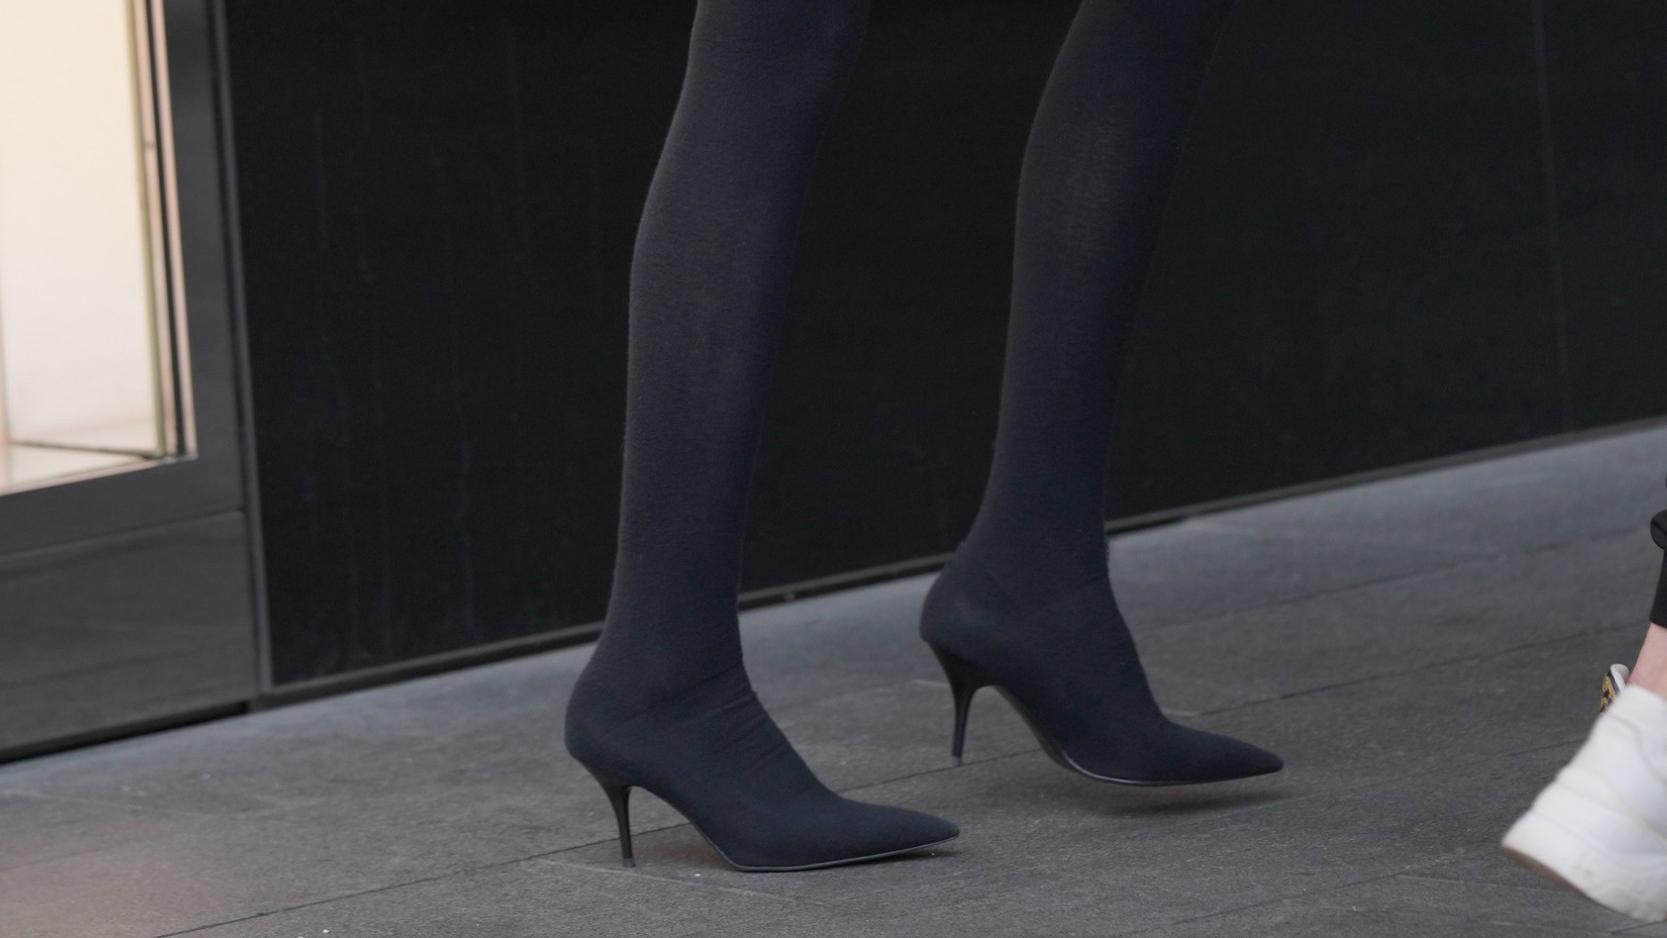 冬天如何穿出长腿效果?短裤搭配袜子靴,保暖显腿长还很时髦